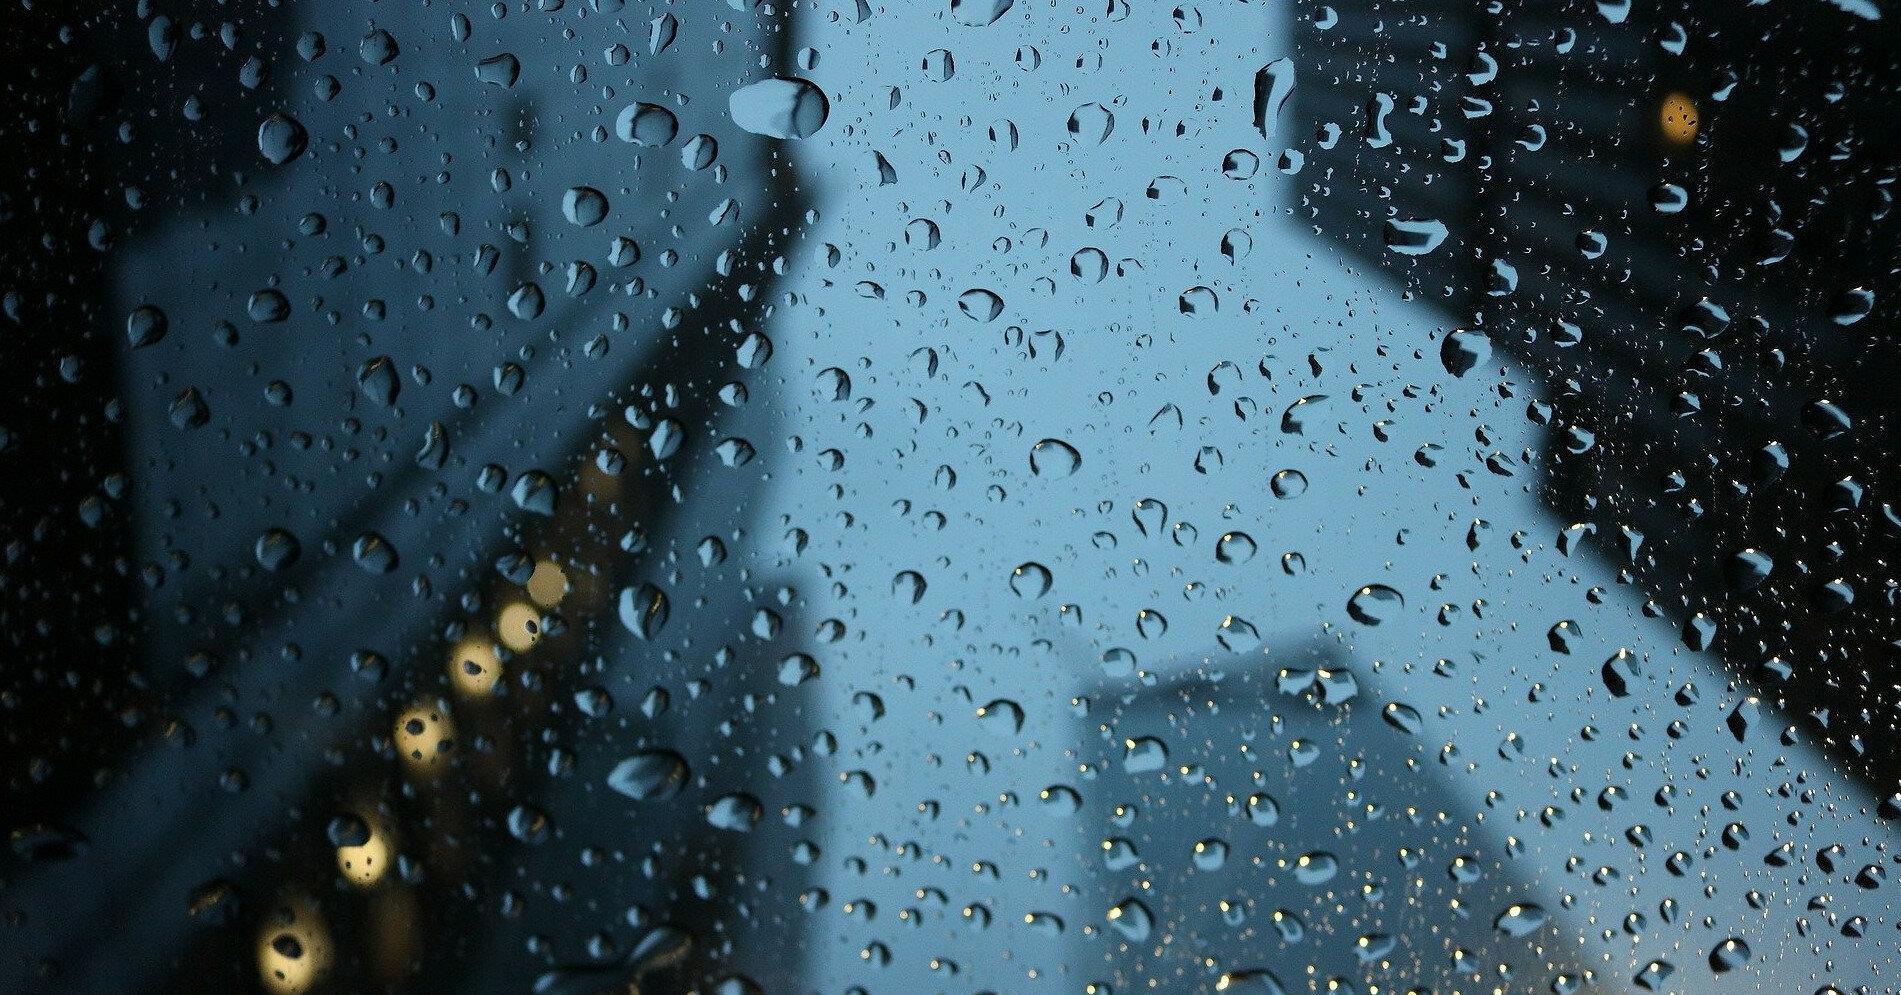 Погода на 12 июля: жара и возможные дожди с грозами